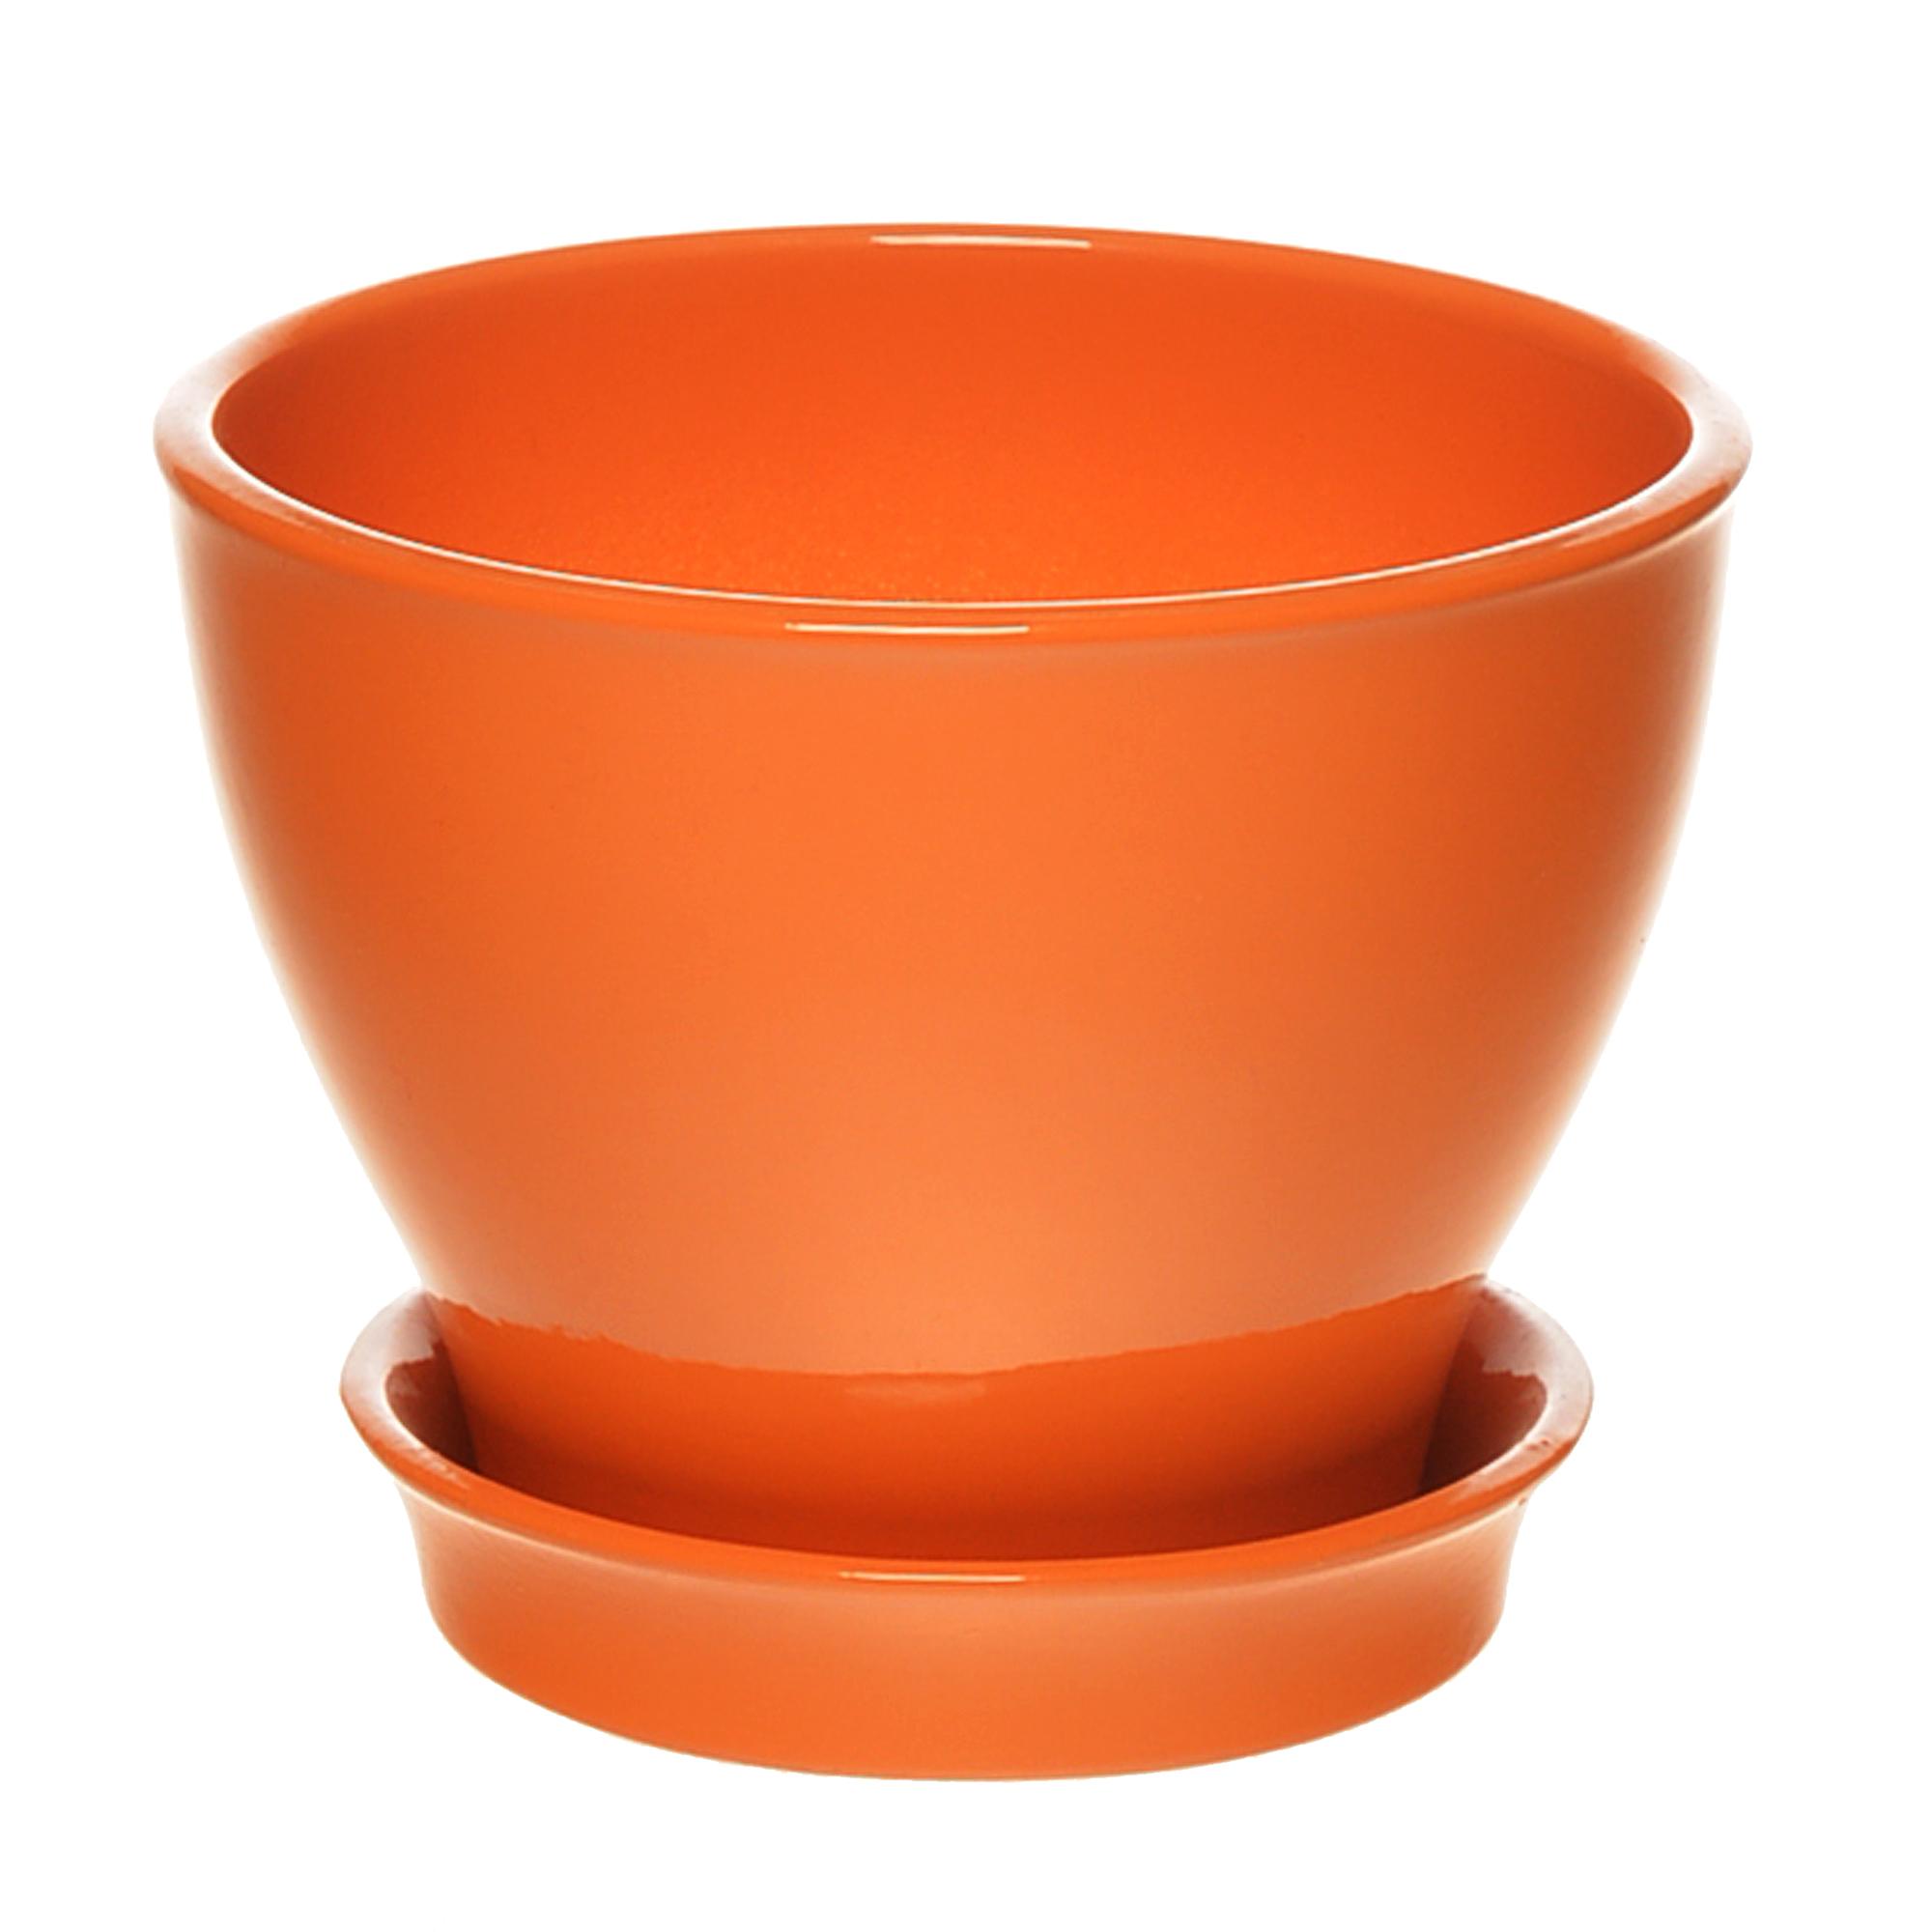 Фото - Горшок с поддоном керамический для цветов Керам Ксения глянец оранжевый 9см горшок с поддоном керамический для цветов керам ксения глянец зеленый 9см